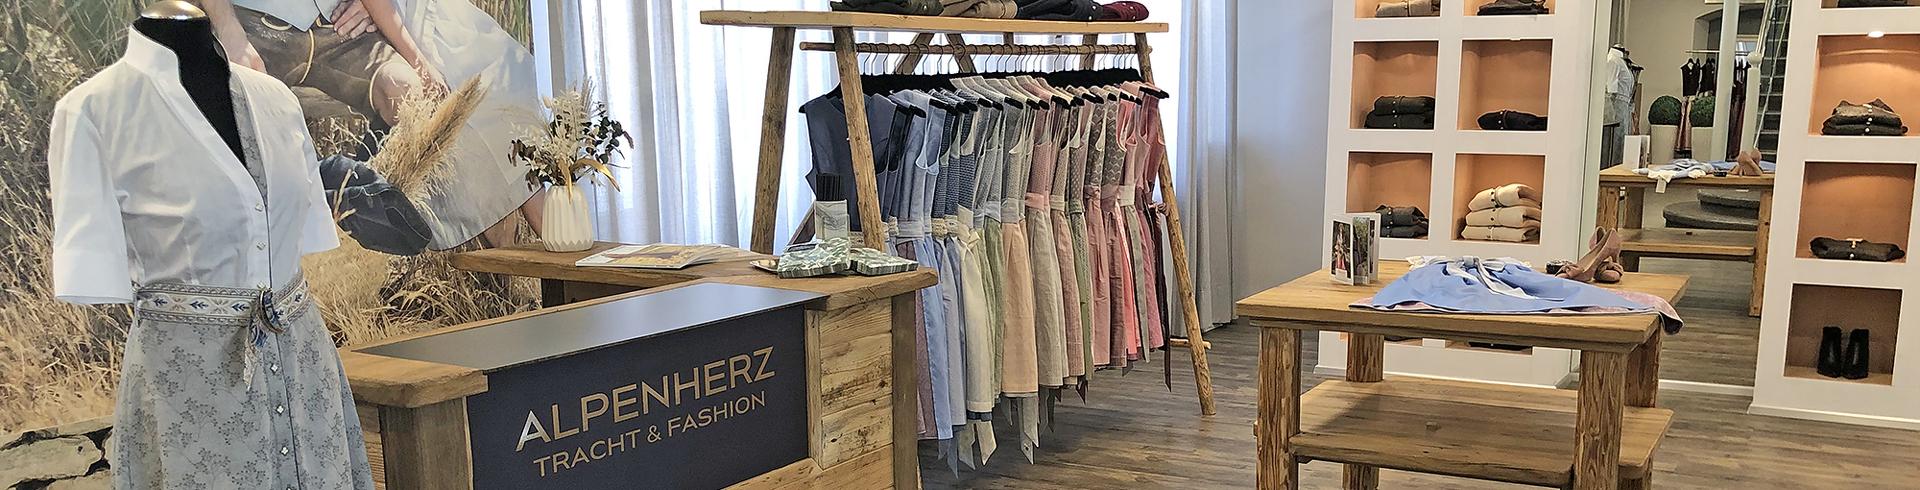 Ihr Trachten und Fashion Shop in Kempten